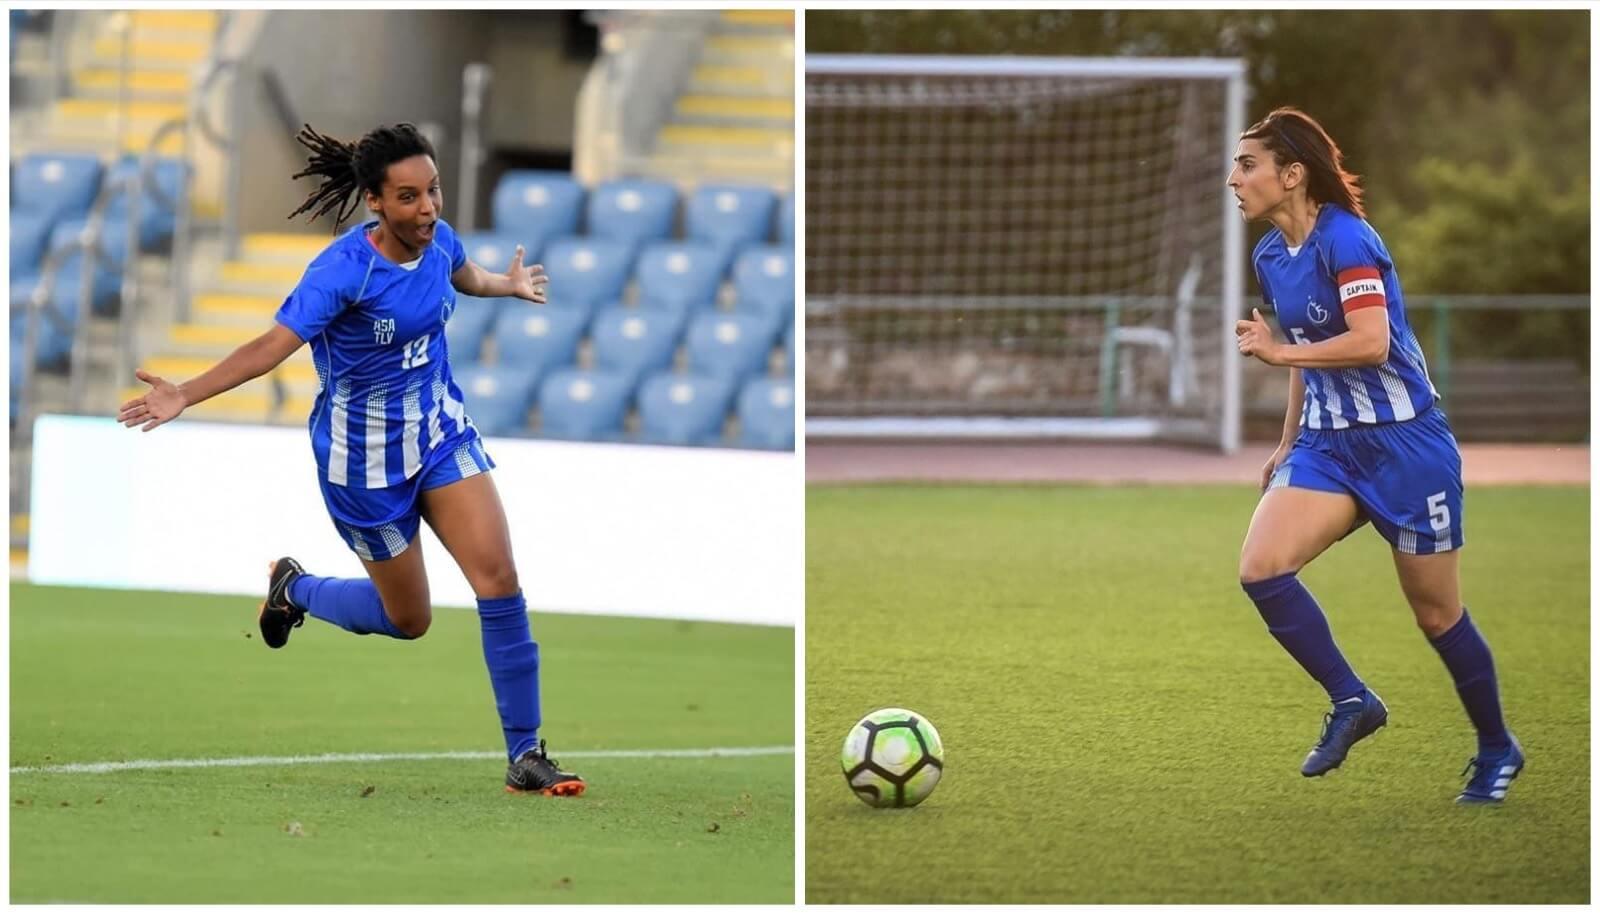 שי שדה מור אפריים כדורגל נשים כדורגל בנות